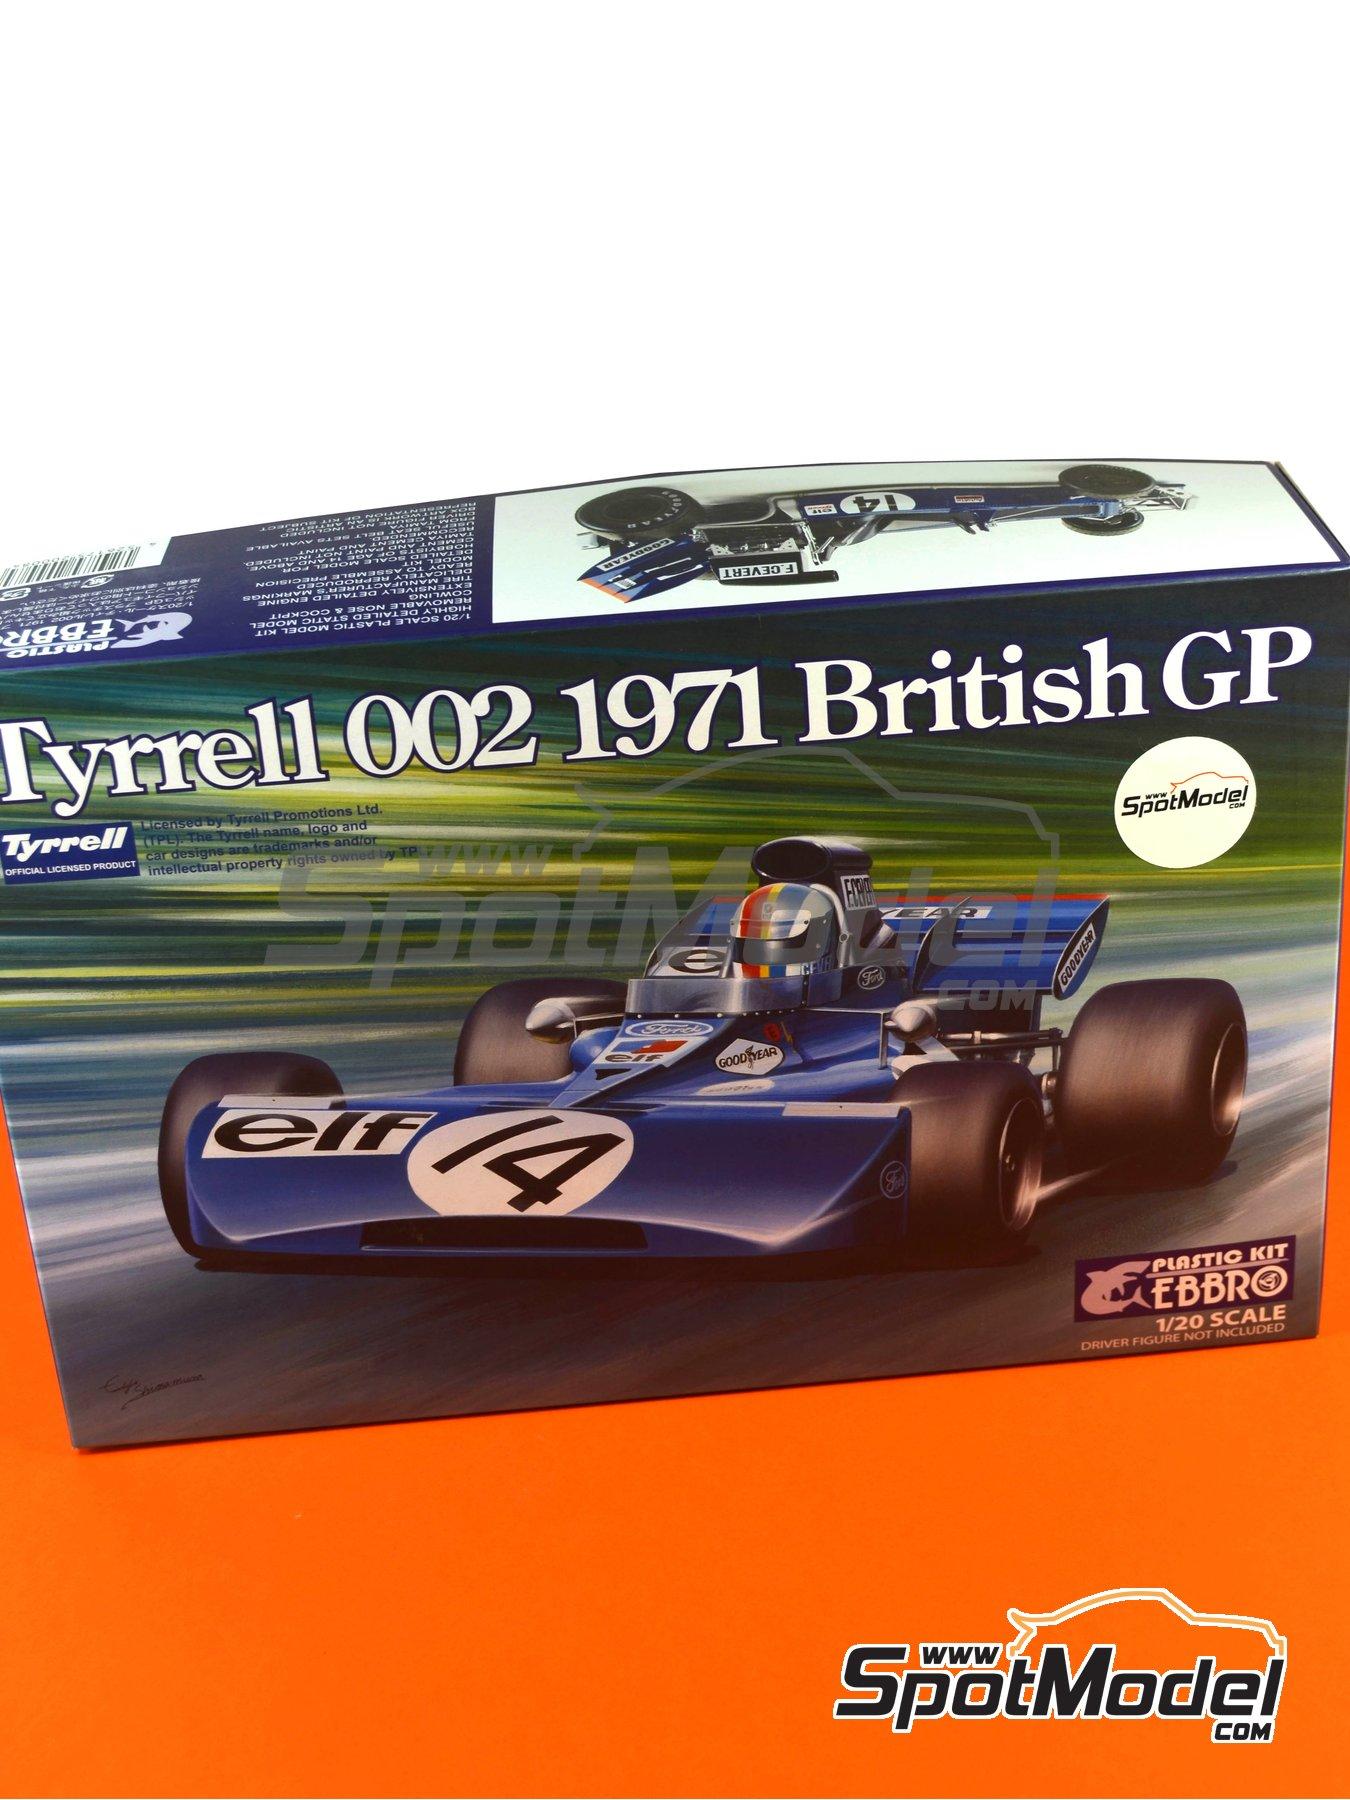 Tyrrell Ford 002 ELF - Dutch Formula 1 Grand Prix, British Formula 1 Grand Prix 1971   Model car kit in 1/20 scale manufactured by Ebbro (ref.EBR20008, also 20008) image